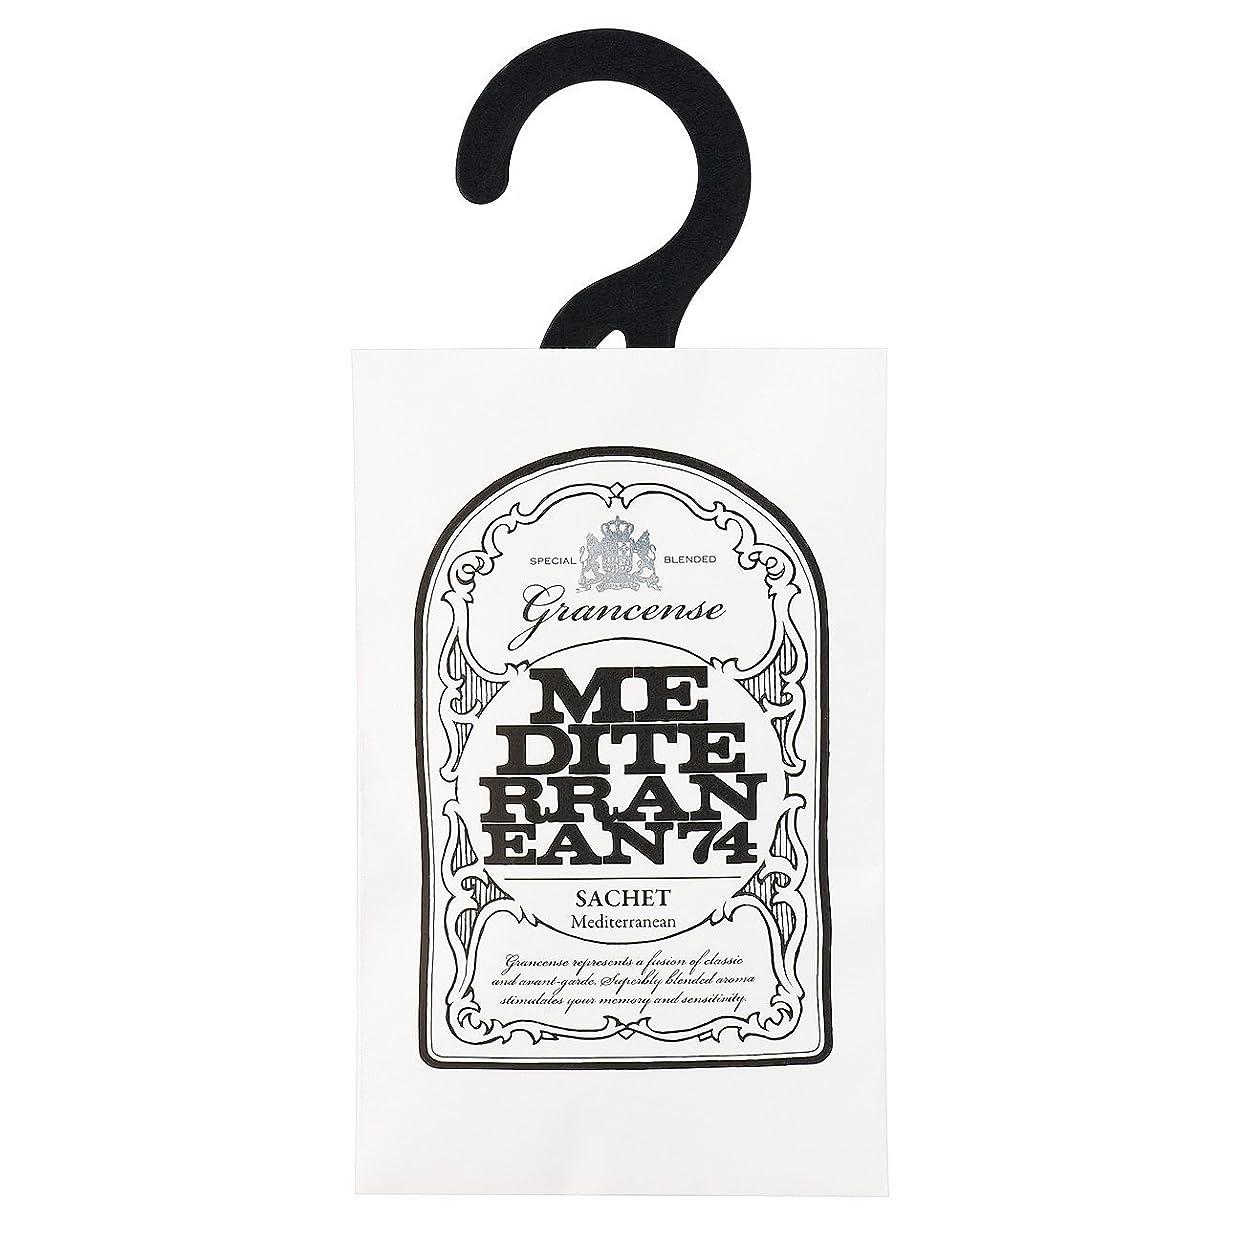 余計な扇動する慈善グランセンス サシェ(約2~4週間) メディテレーニアン 12g(芳香剤 香り袋 アロマサシェ 潮風を感じさせてくれるアクアティック?フローラルの香り)